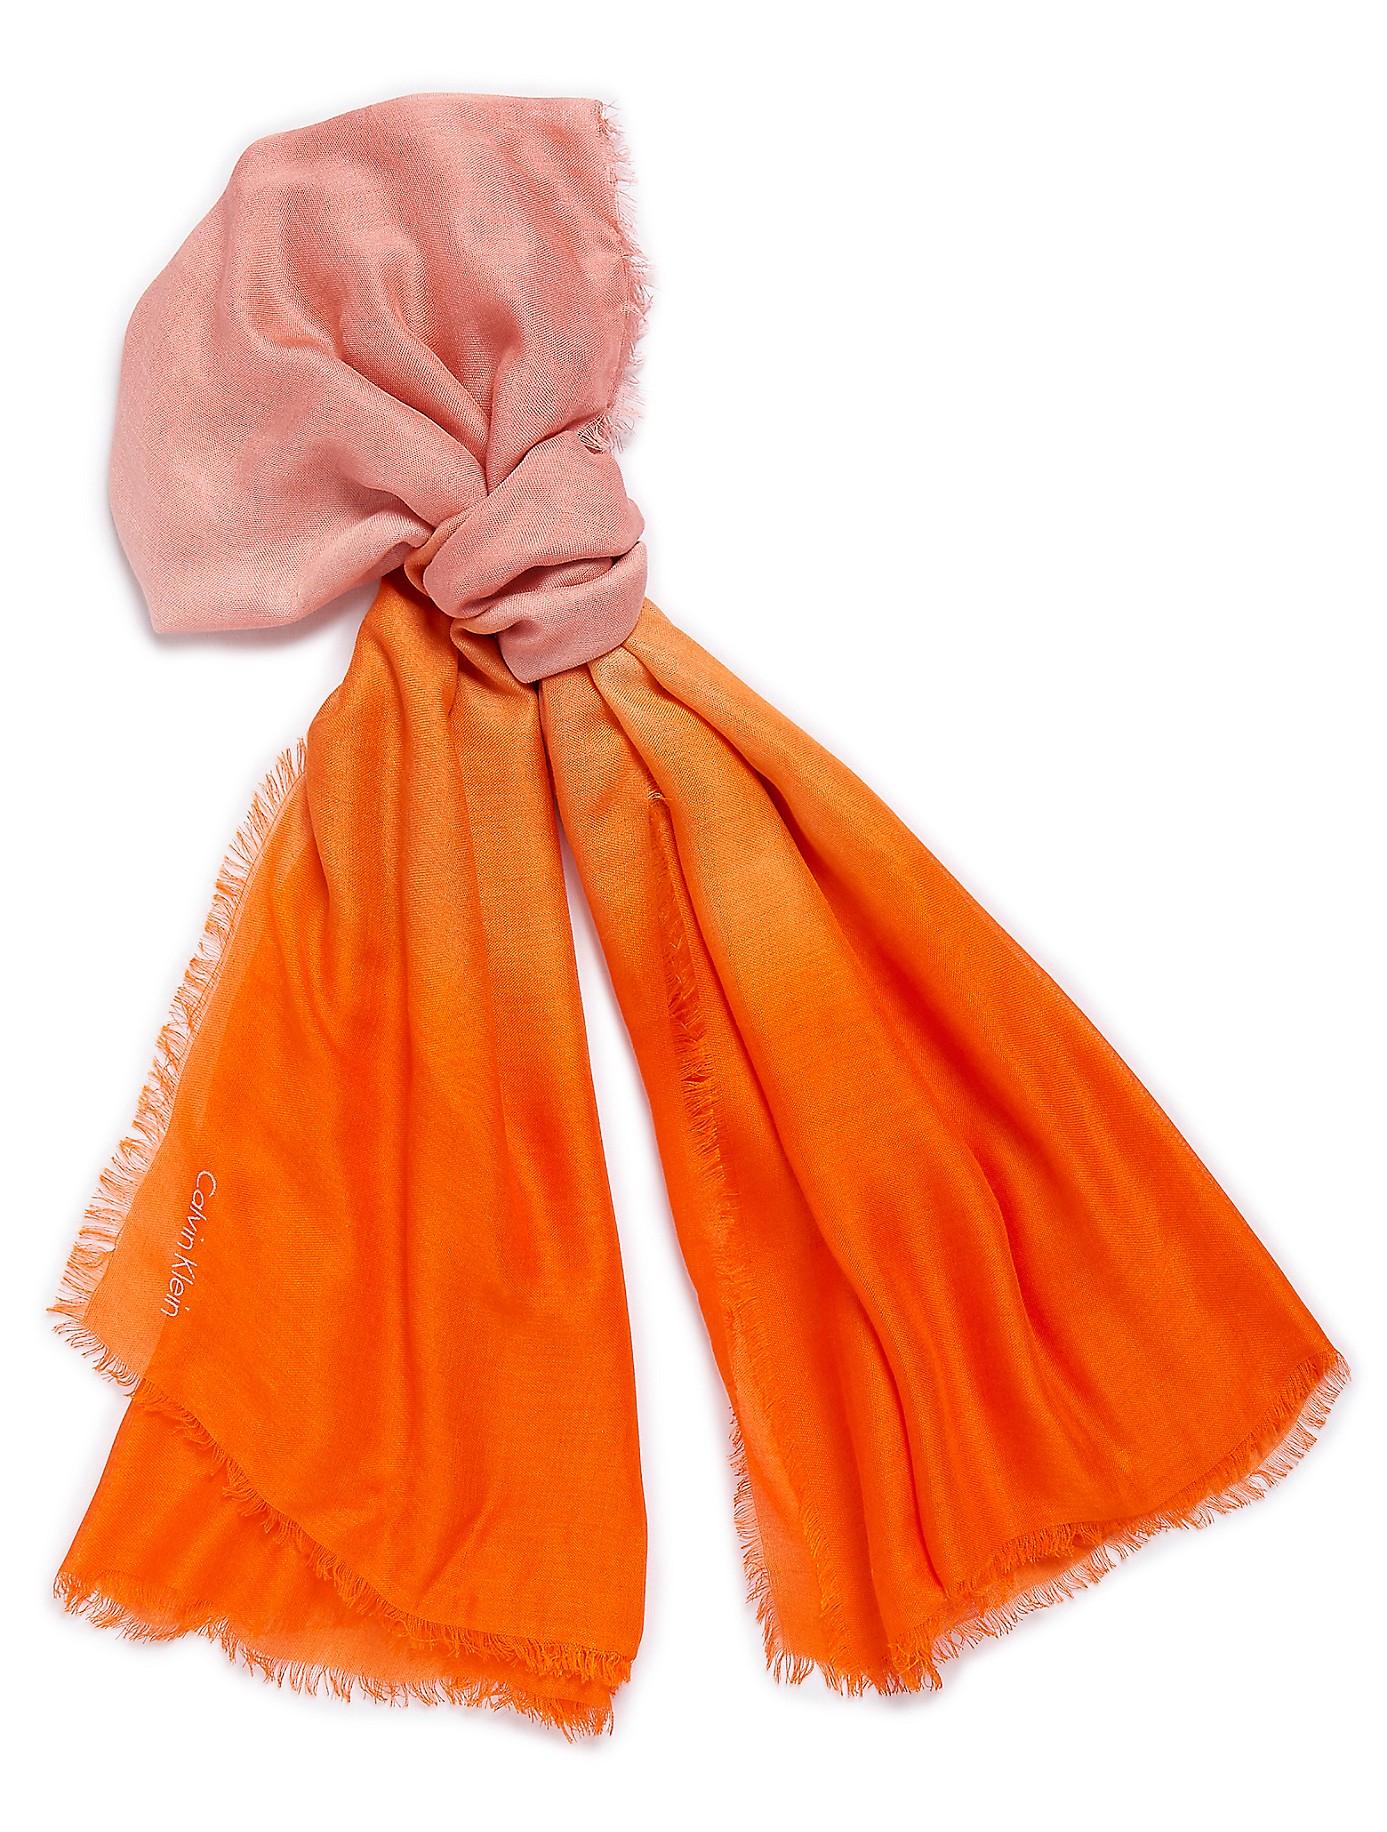 calvin klein white label ombre square scarf in orange lyst